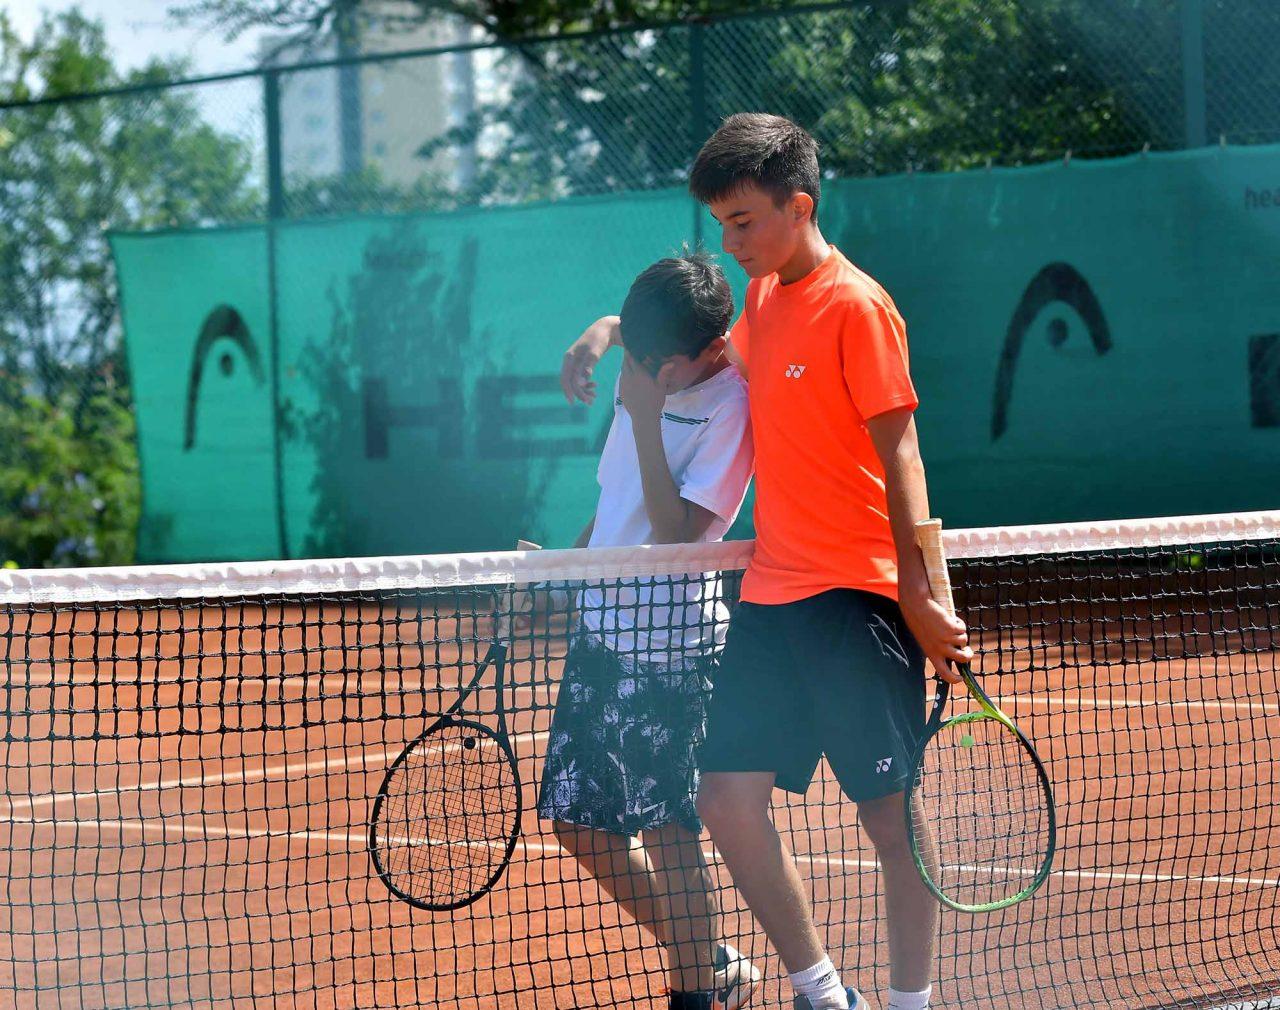 Държавно първенство тенис до 14 год. ТК 15-40 финал (35)